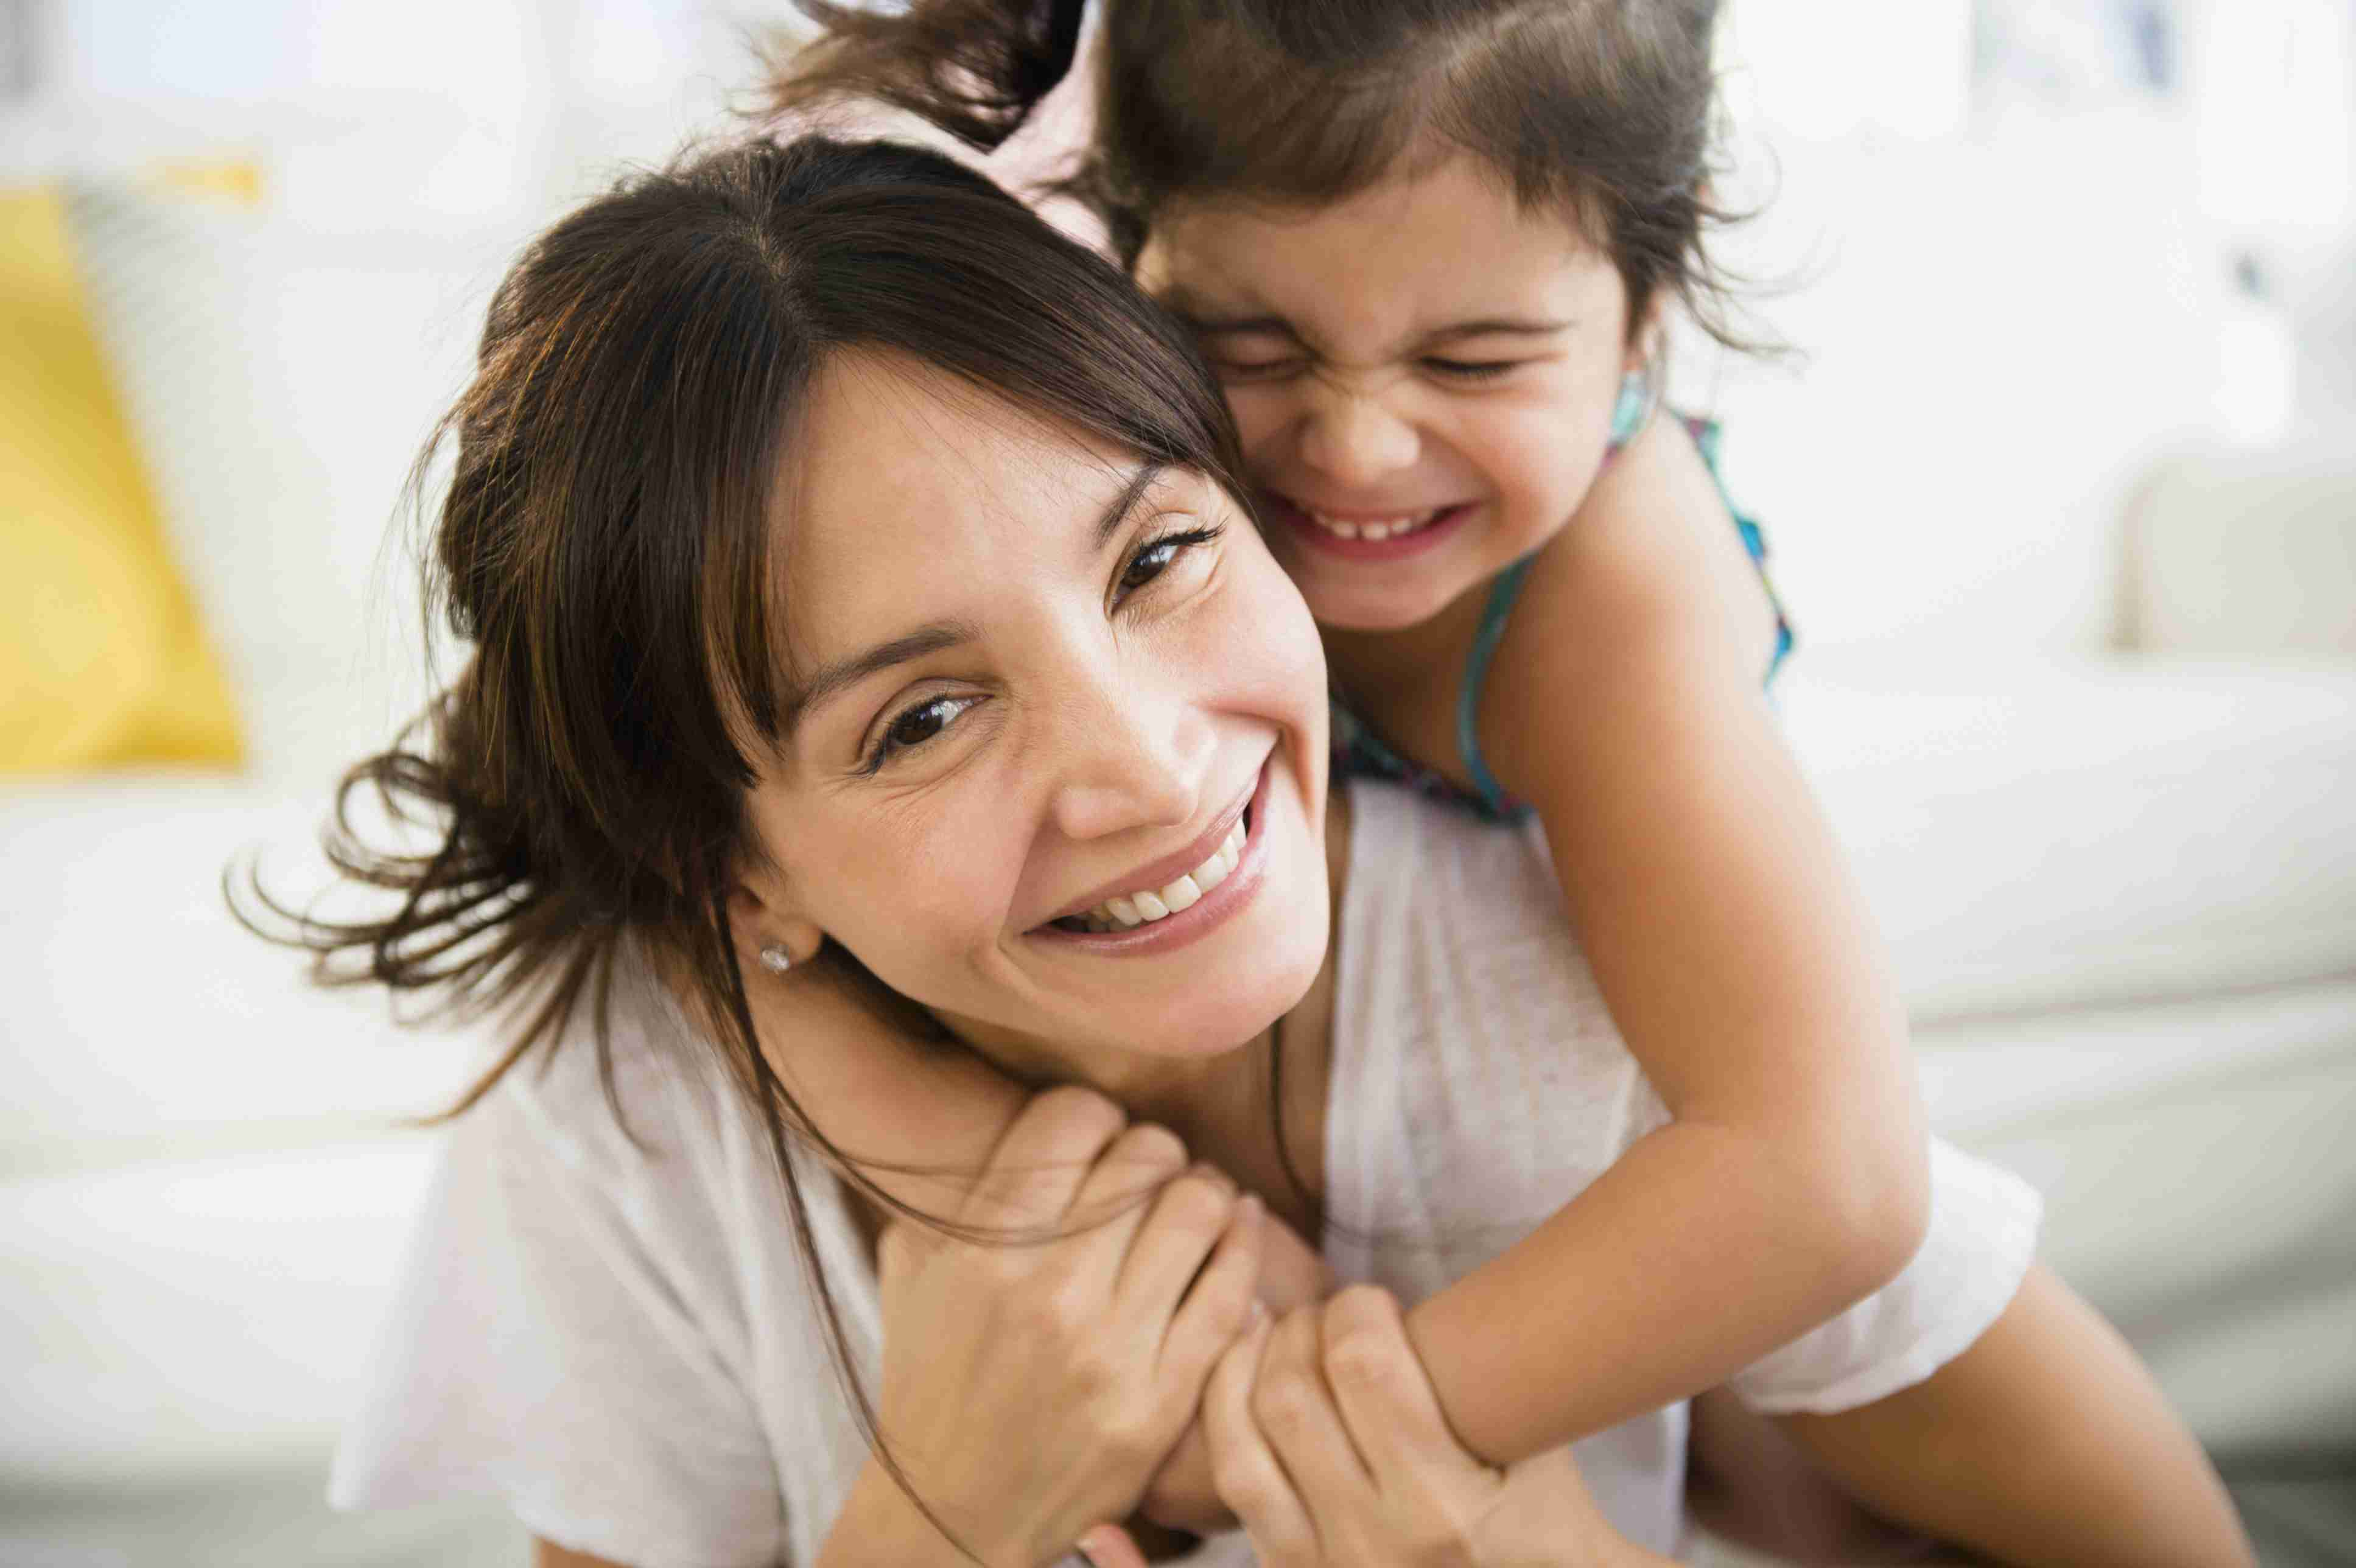 mother daughter hugging, cuddling